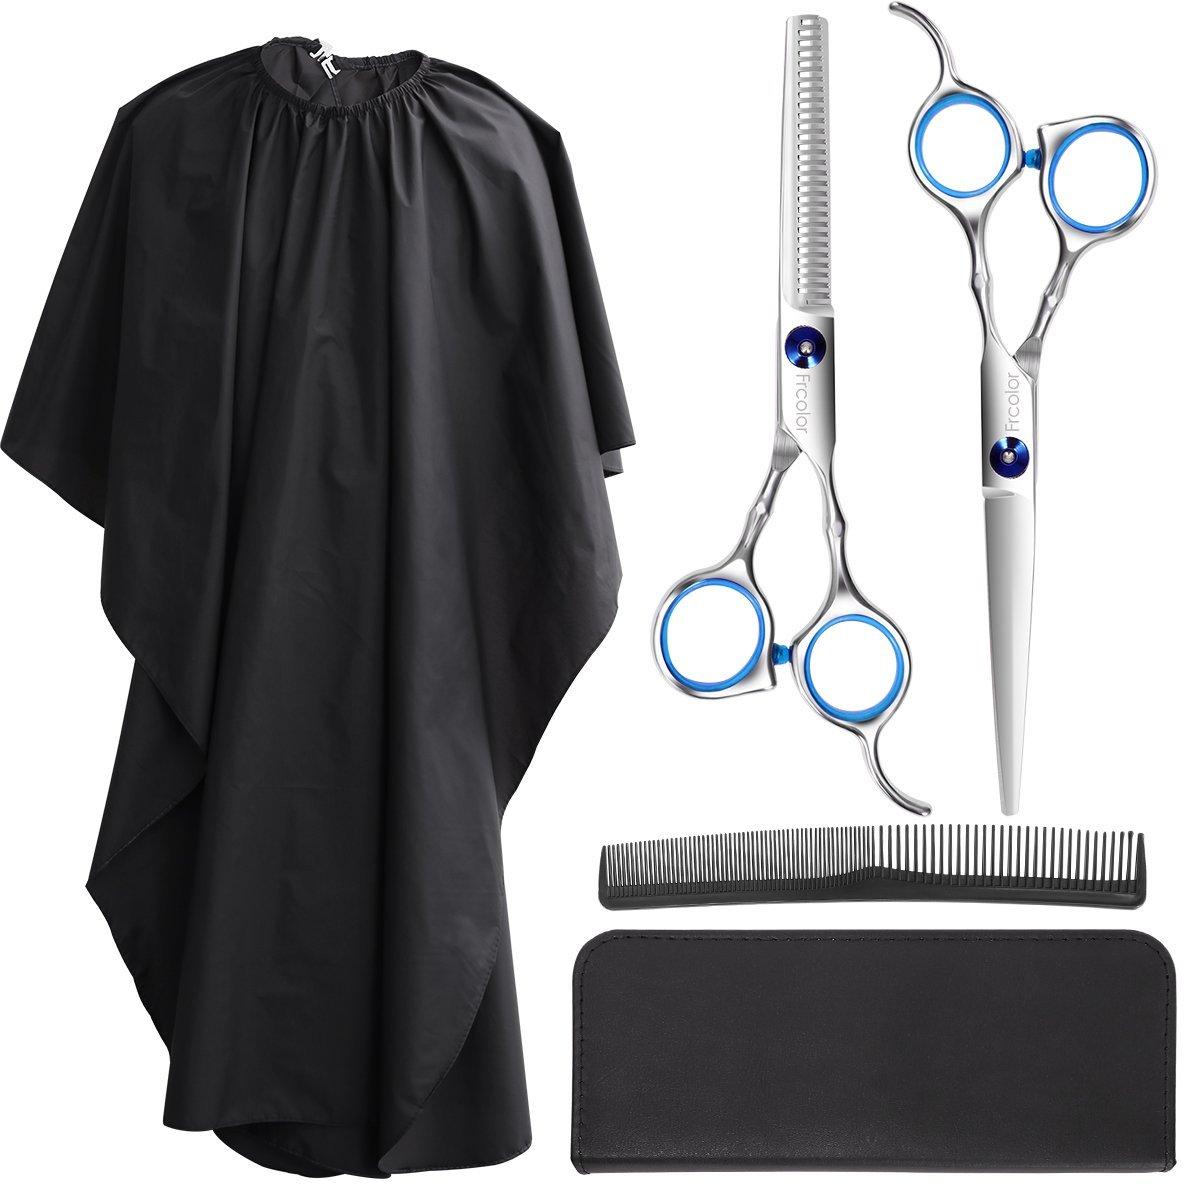 Frcolor Hairdressing Scissors Set, Hair Thinning Scissors Barber Shears Hair Cutting Scissors with Barber Cape For Women Kids Men